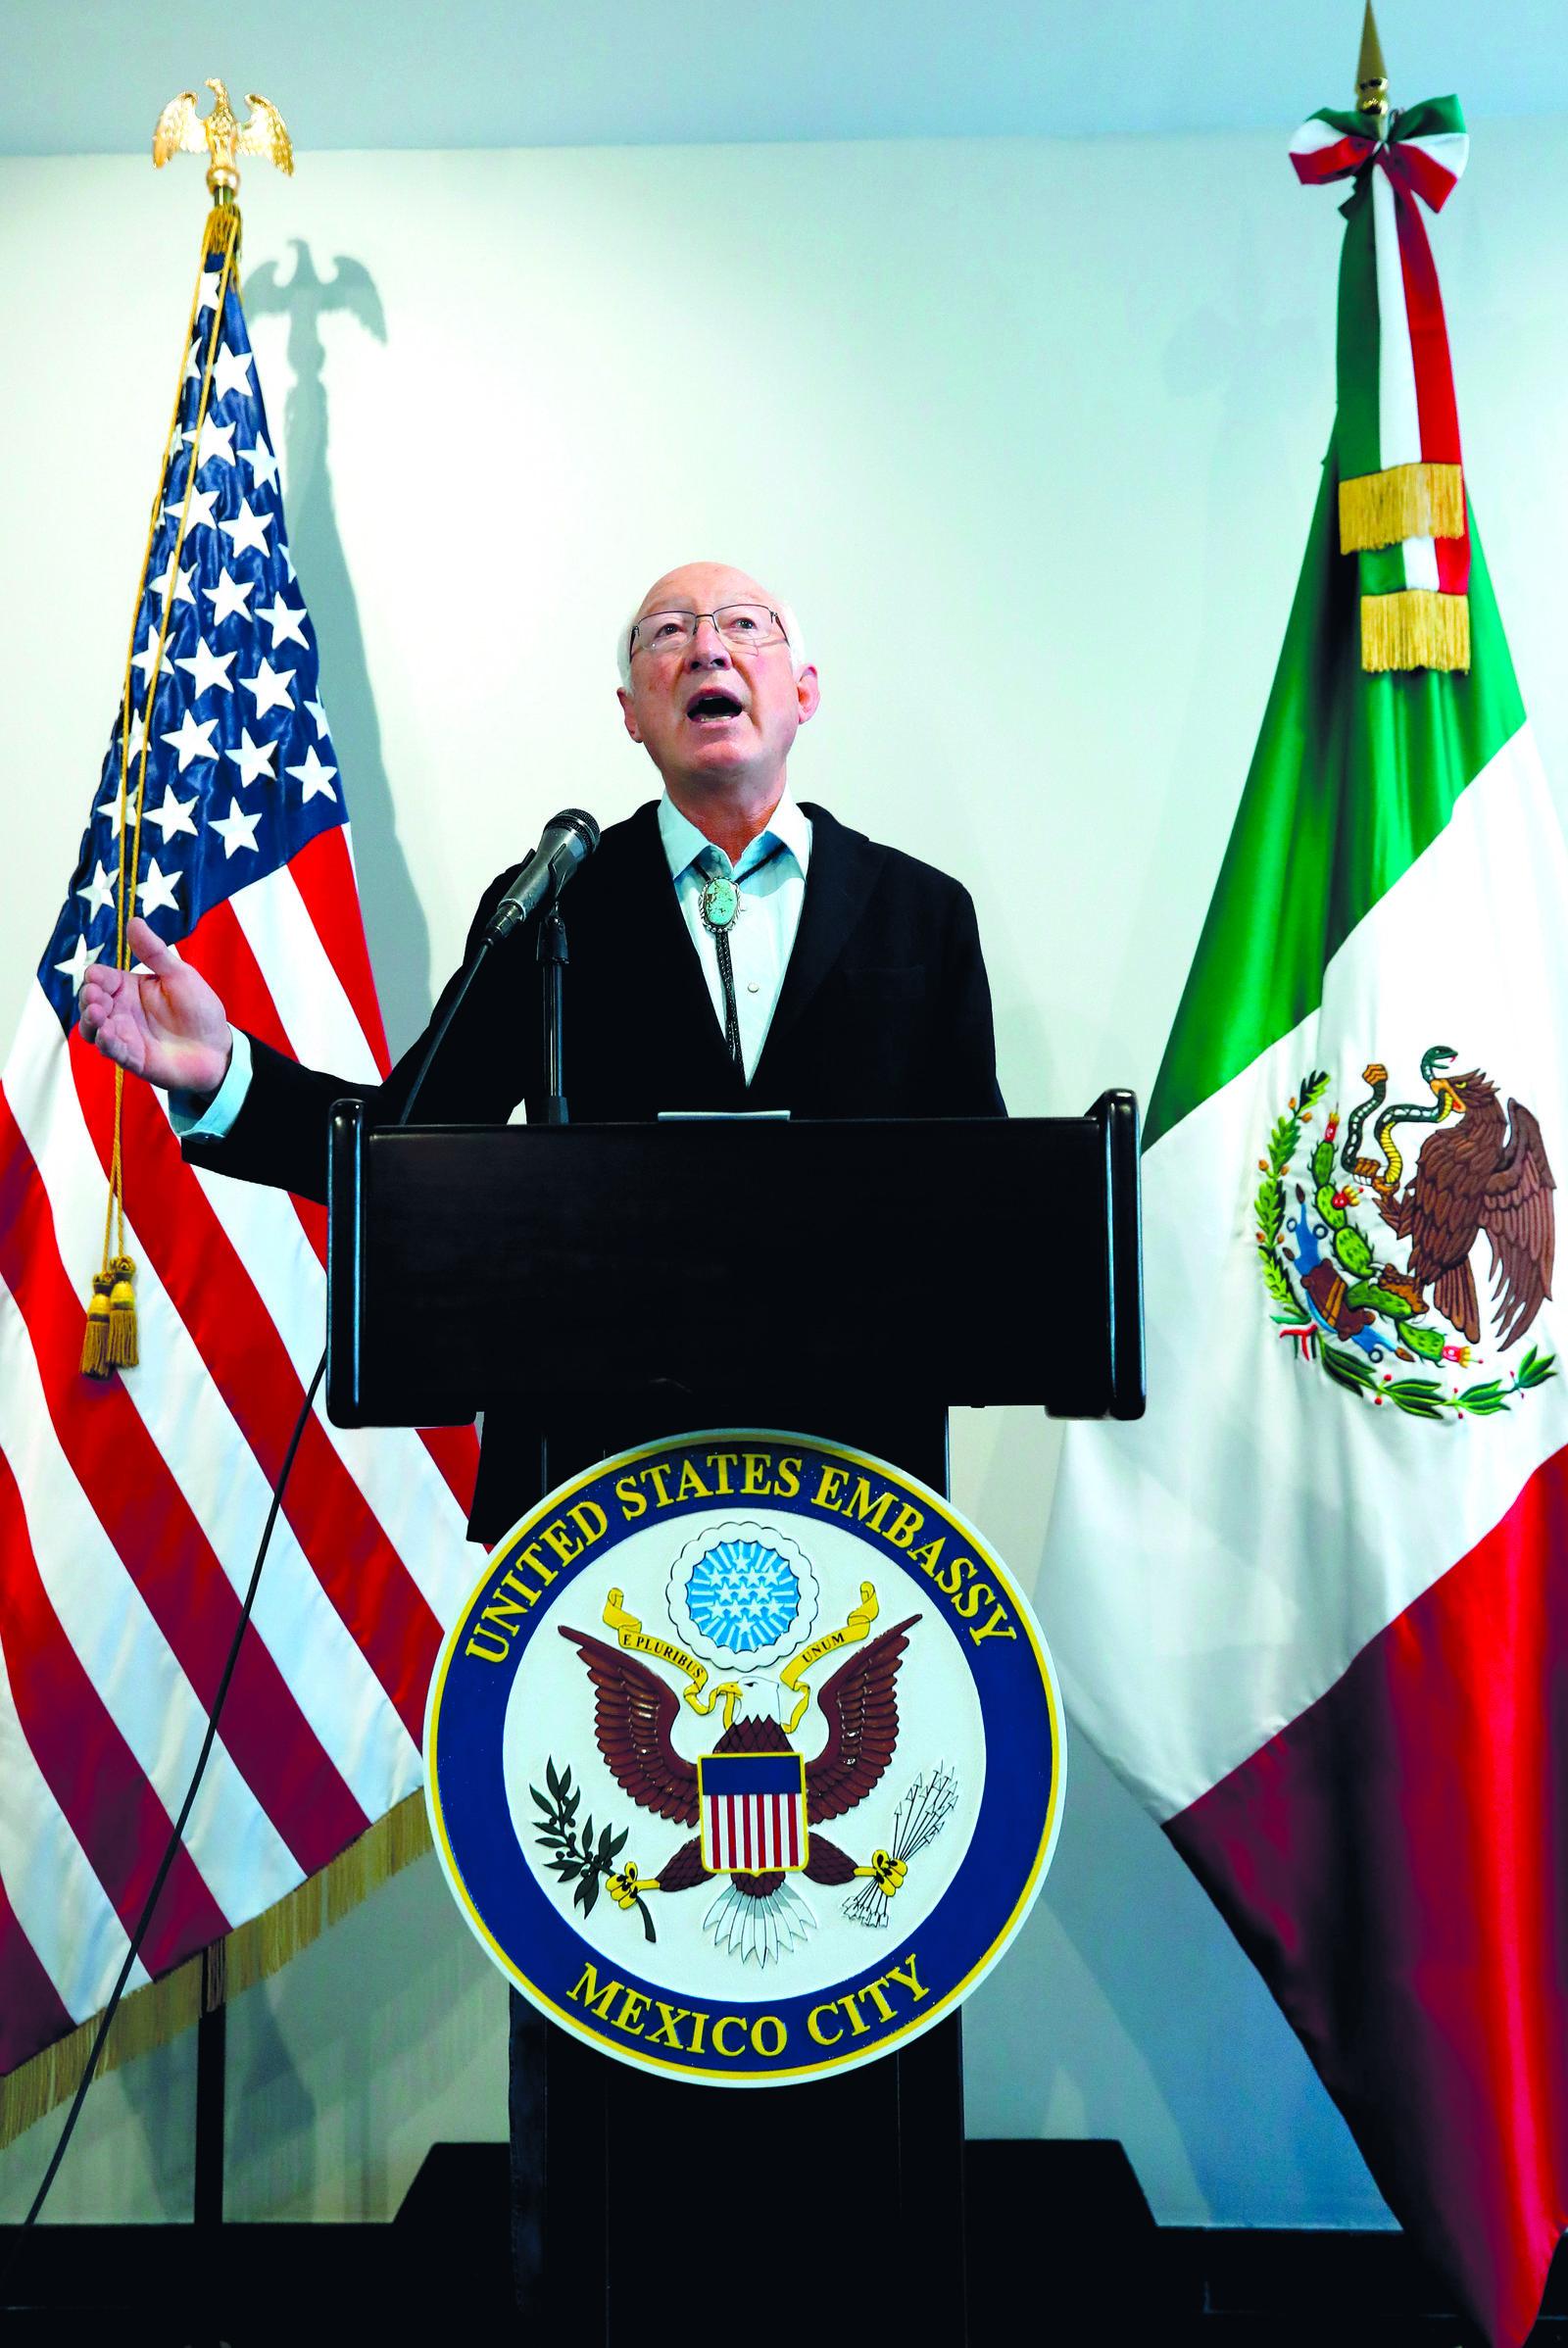 EU busca junto con México solución a crisis migratoria